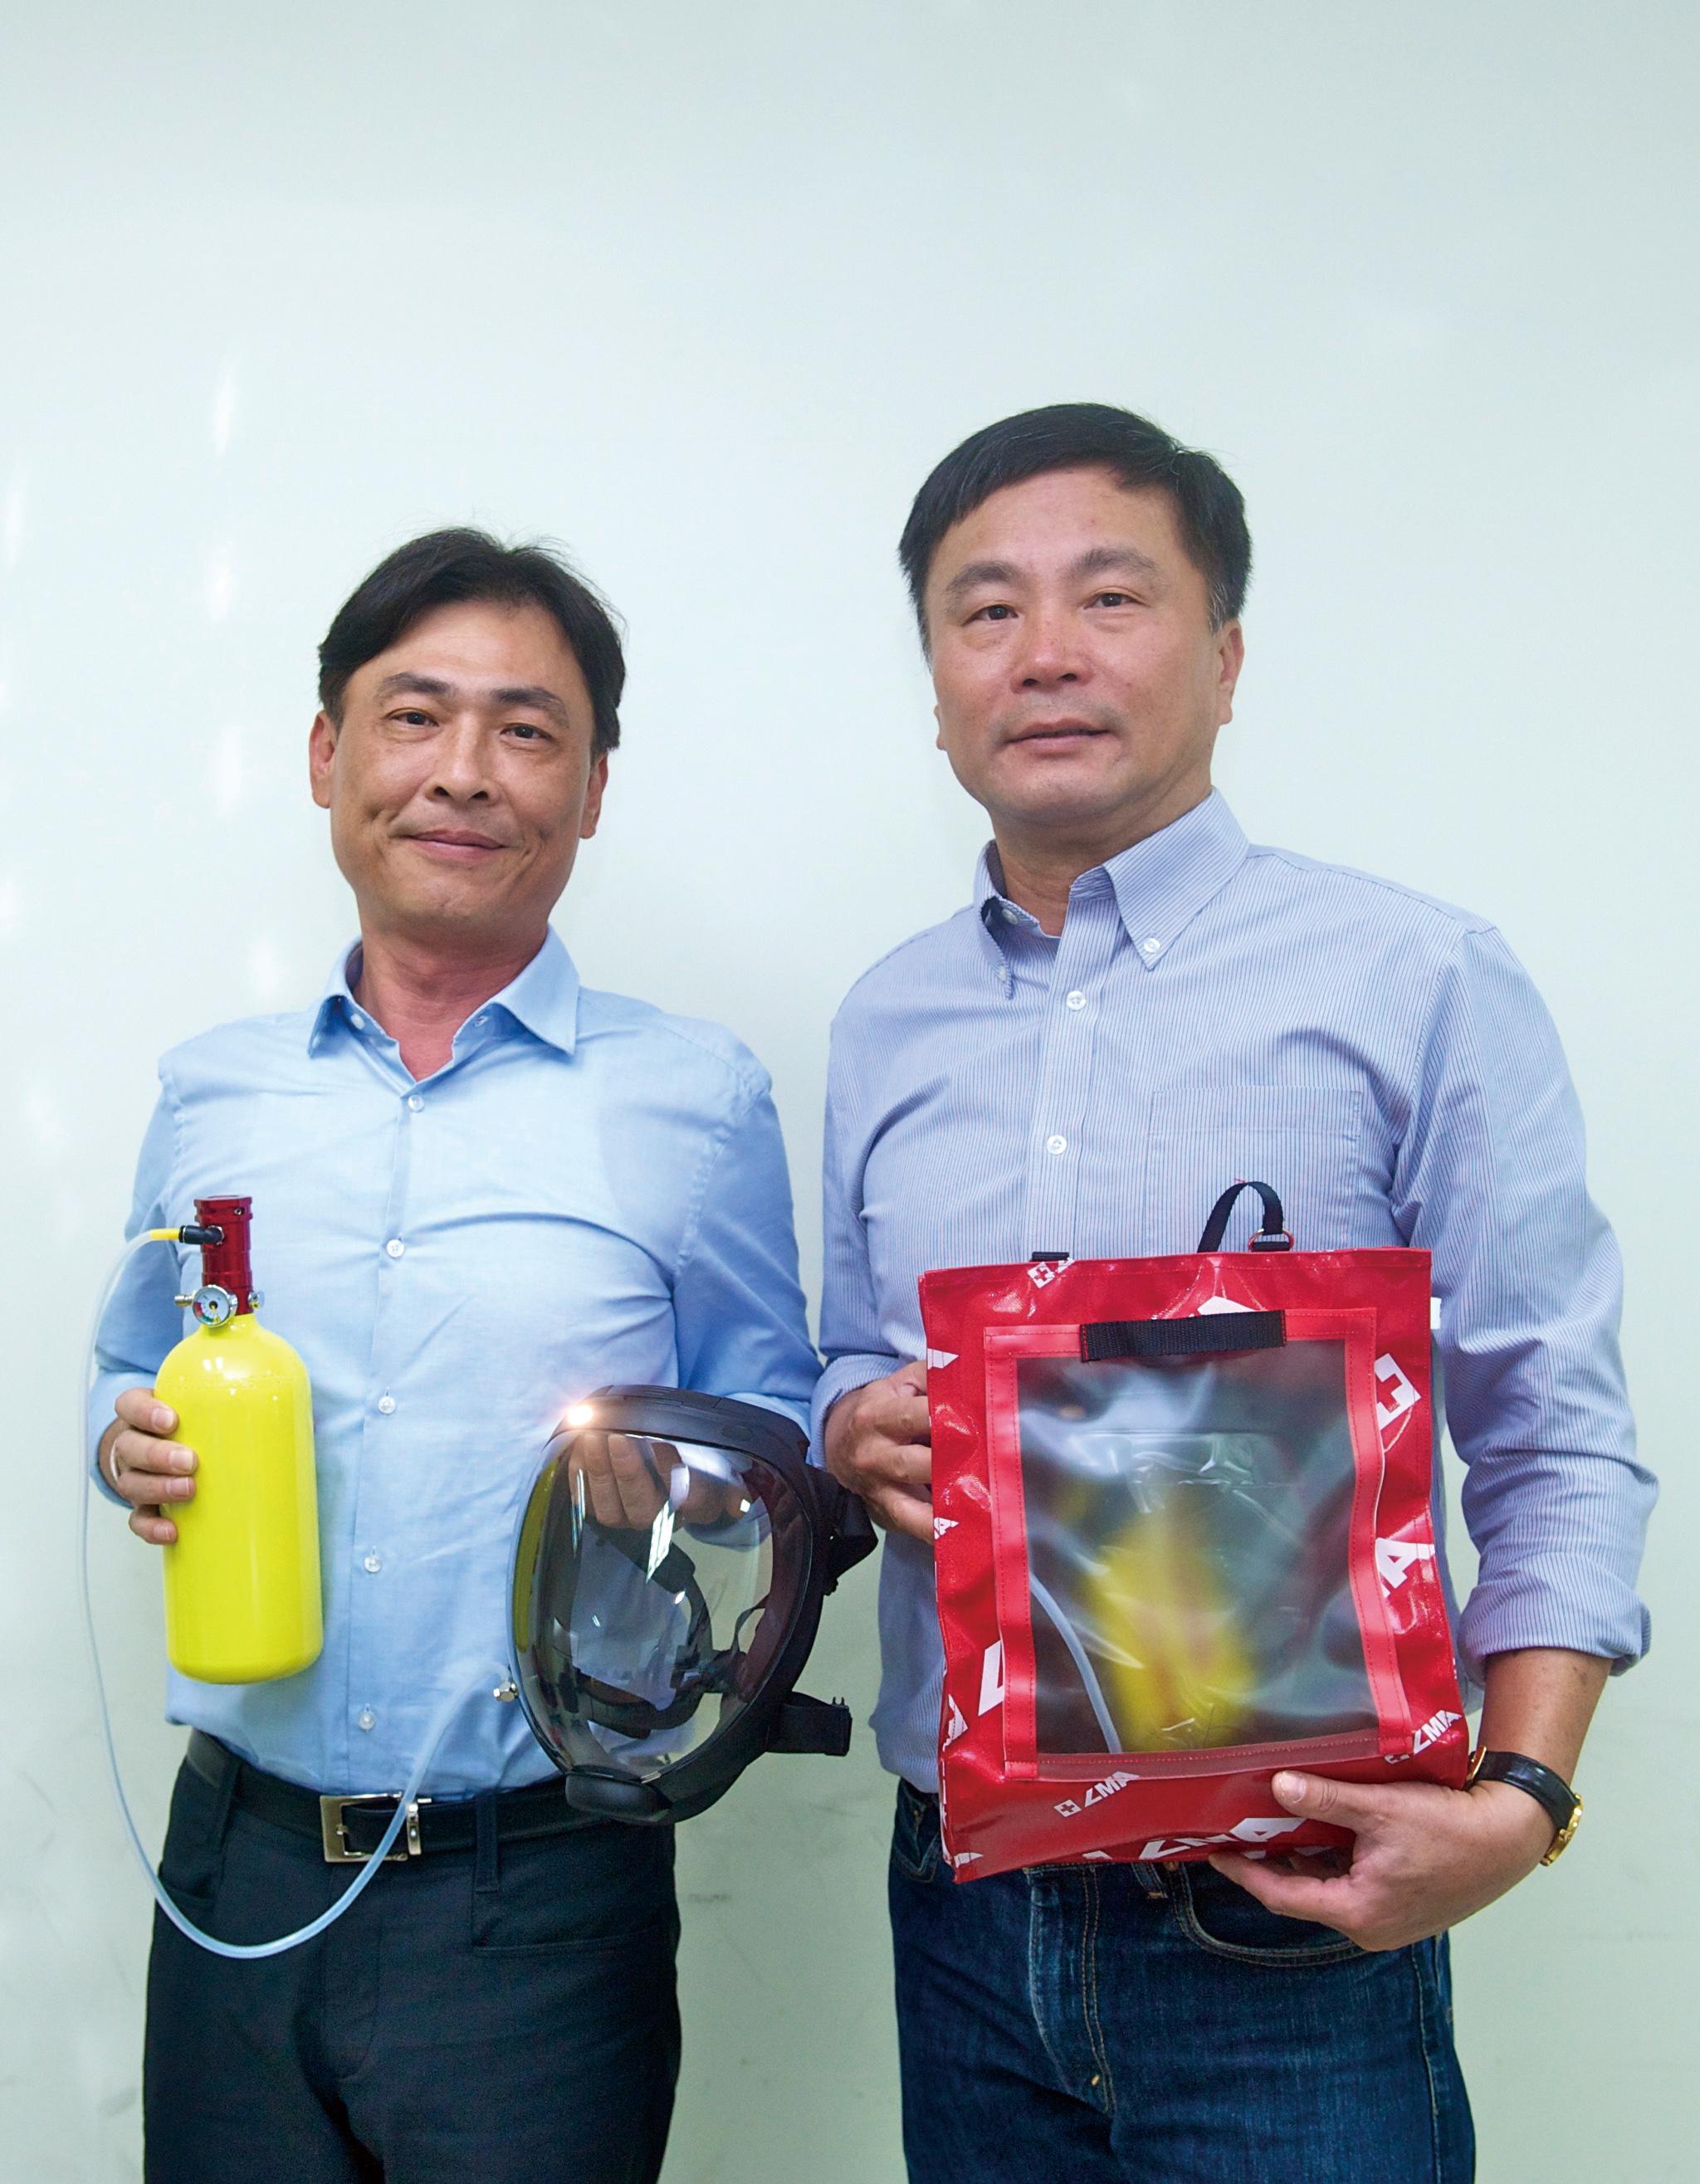 羅曼安佐創辦人范日正先生(左)及產品研發者涂錦勝先生(右)。